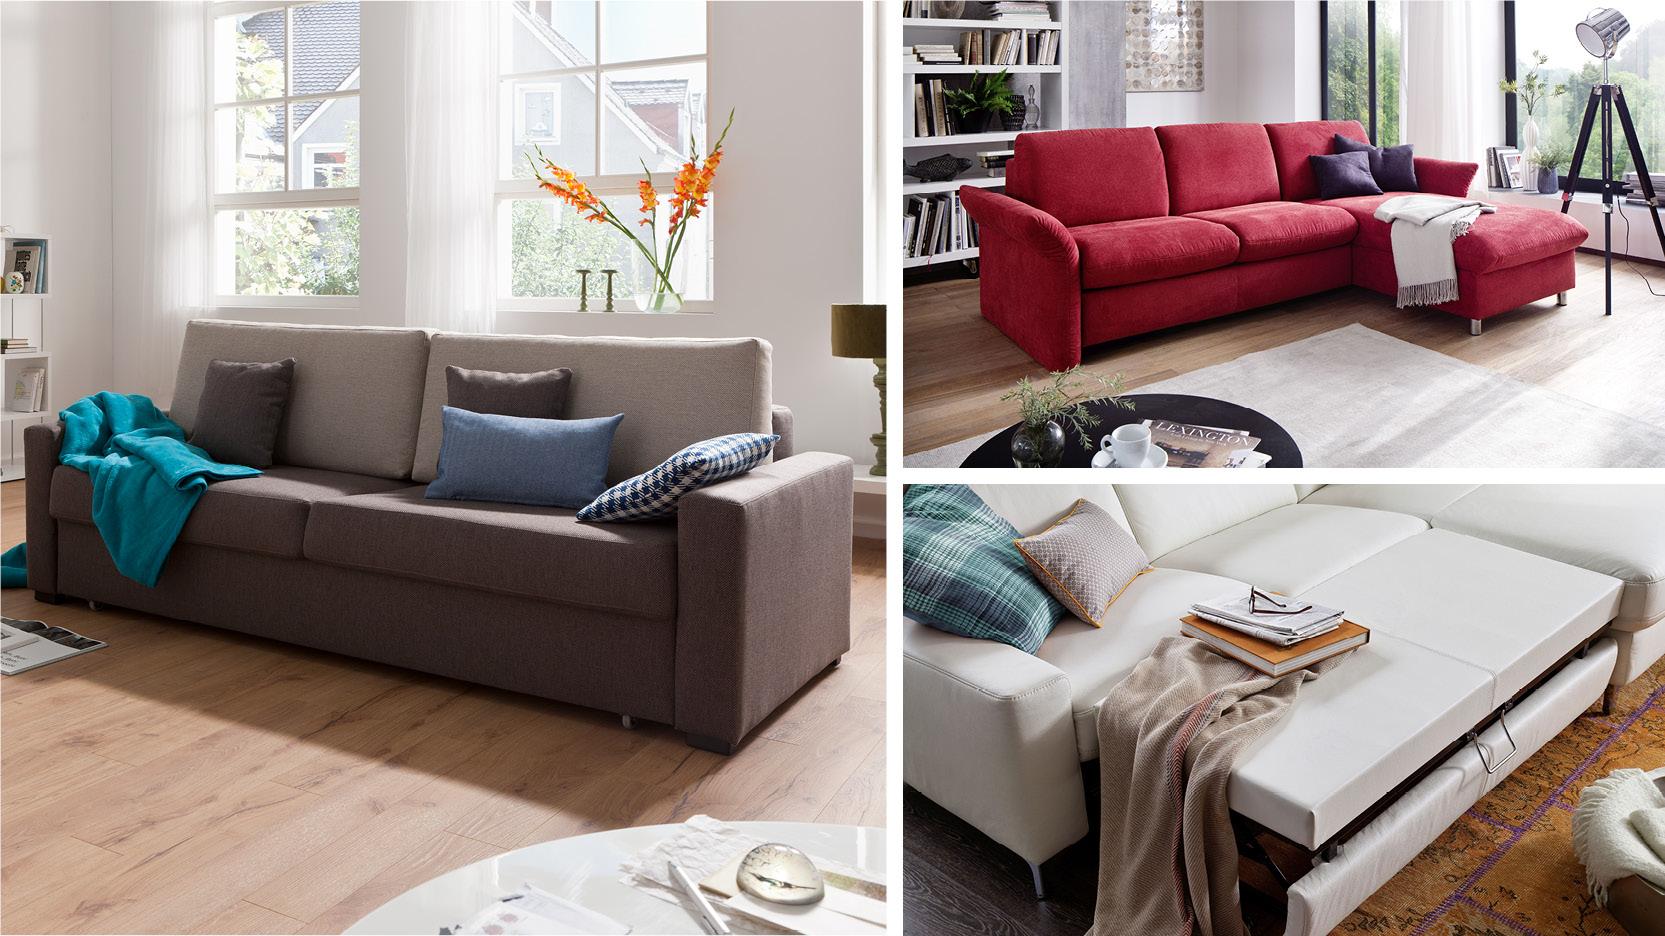 Akador das perfekte Sofa! Besser geht´s nicht